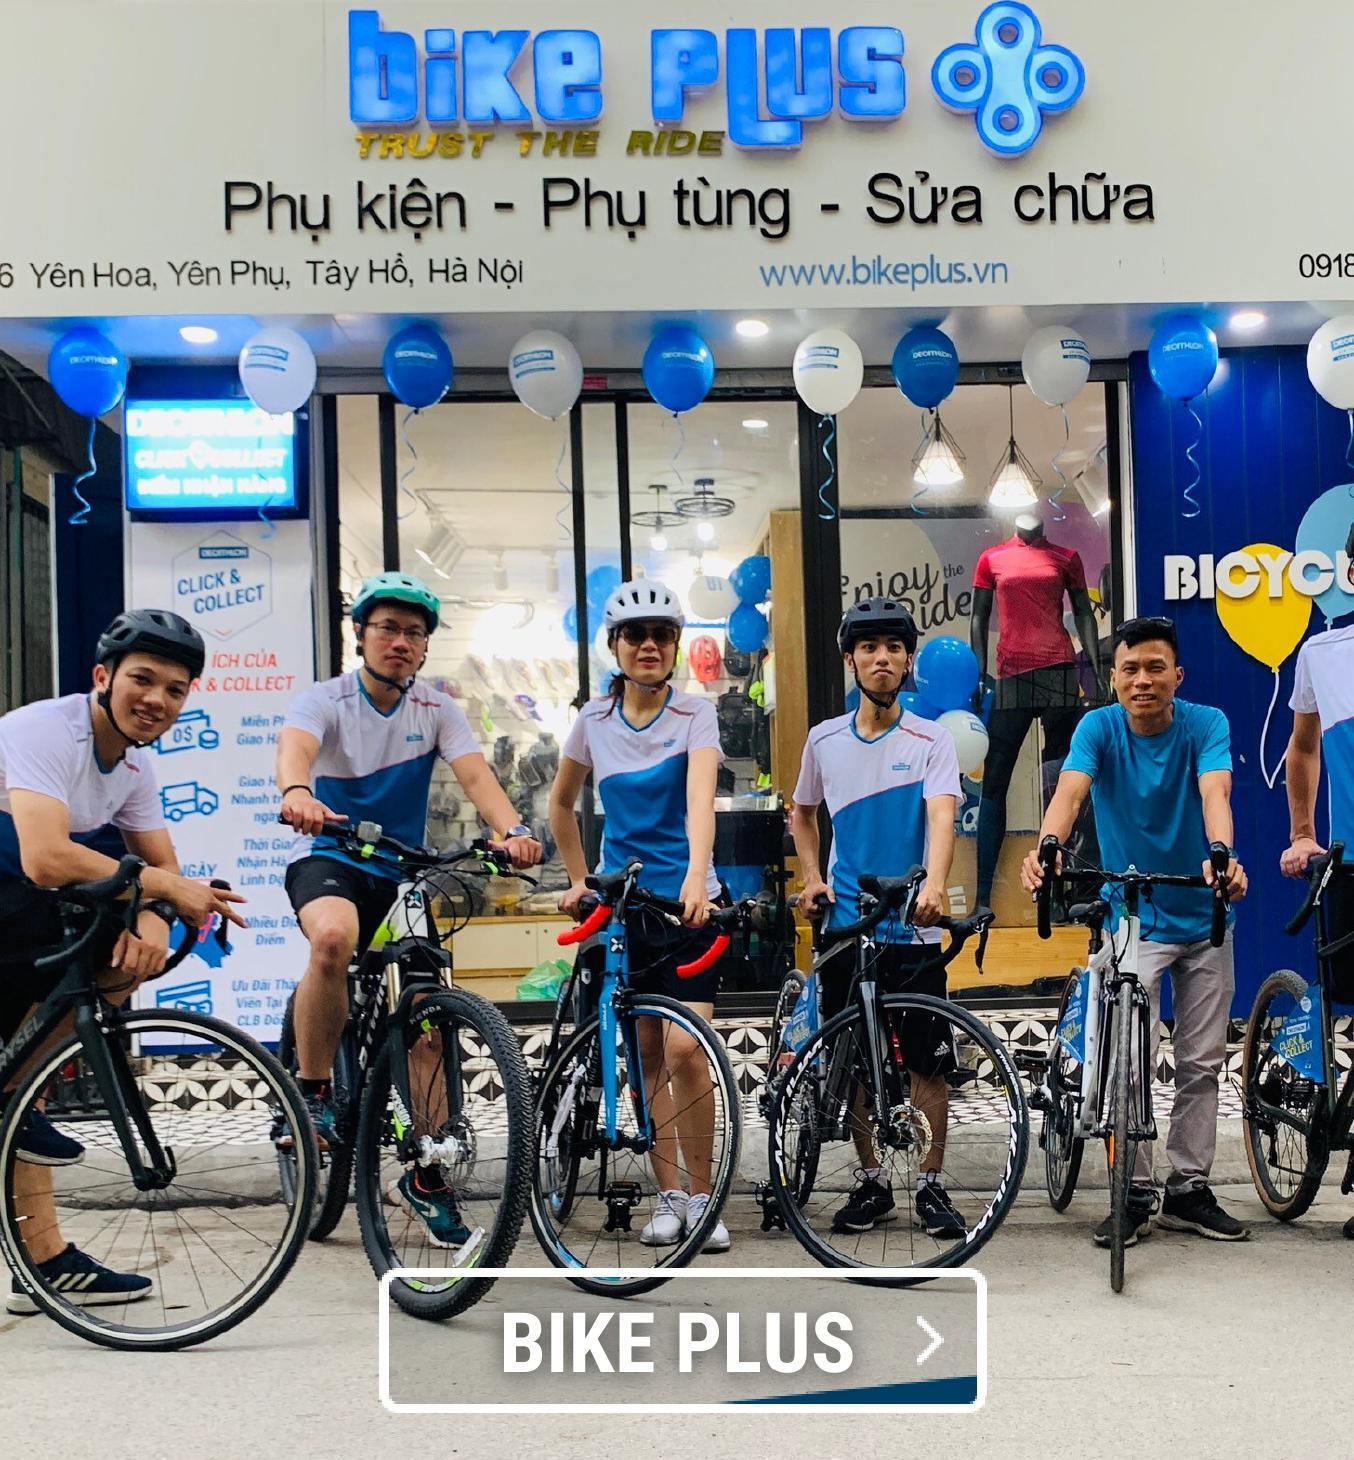 click & collect, đối tác giao hàng, xe đạp, xe đạp hà nội, câu lạc bộ xe đạp